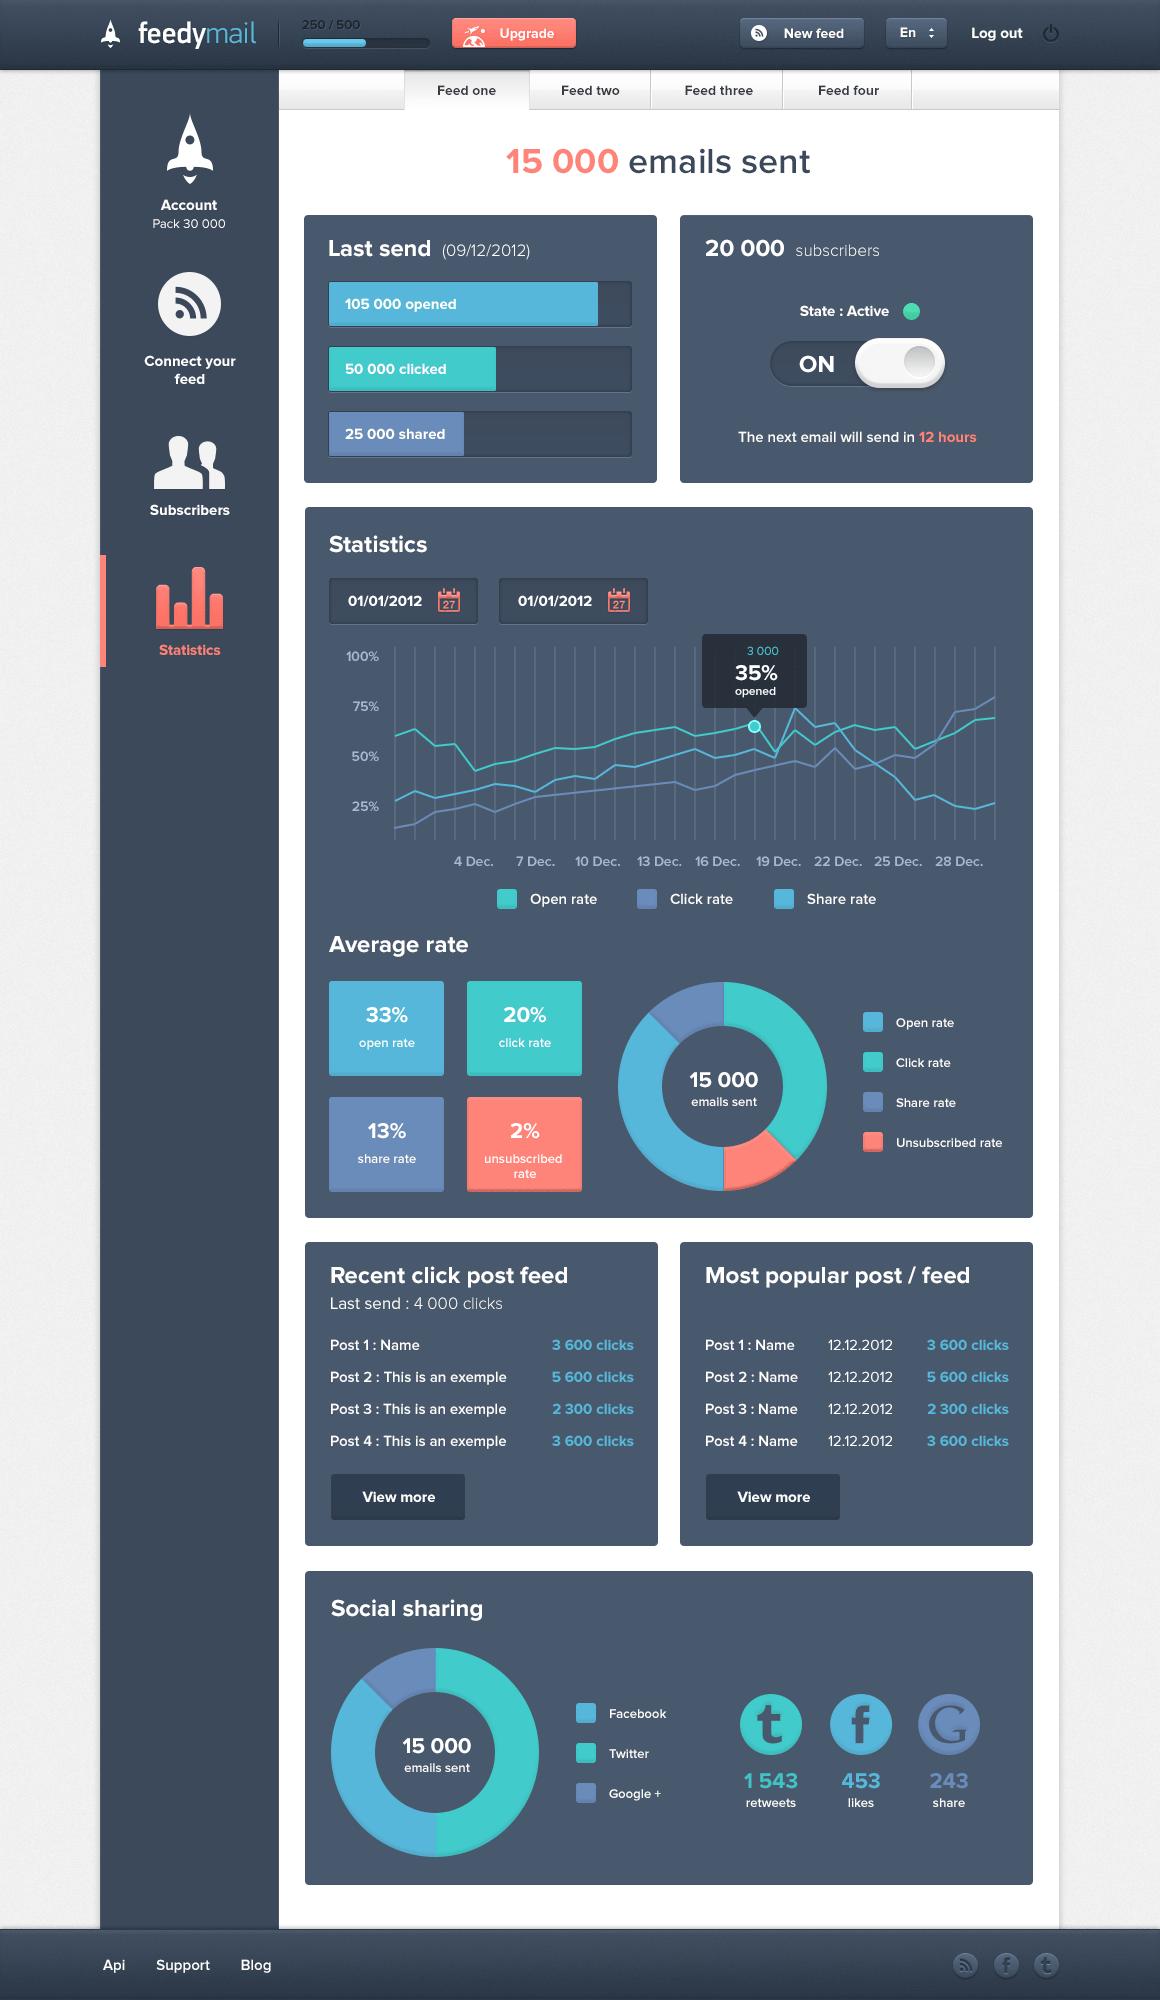 statistics_feedymail